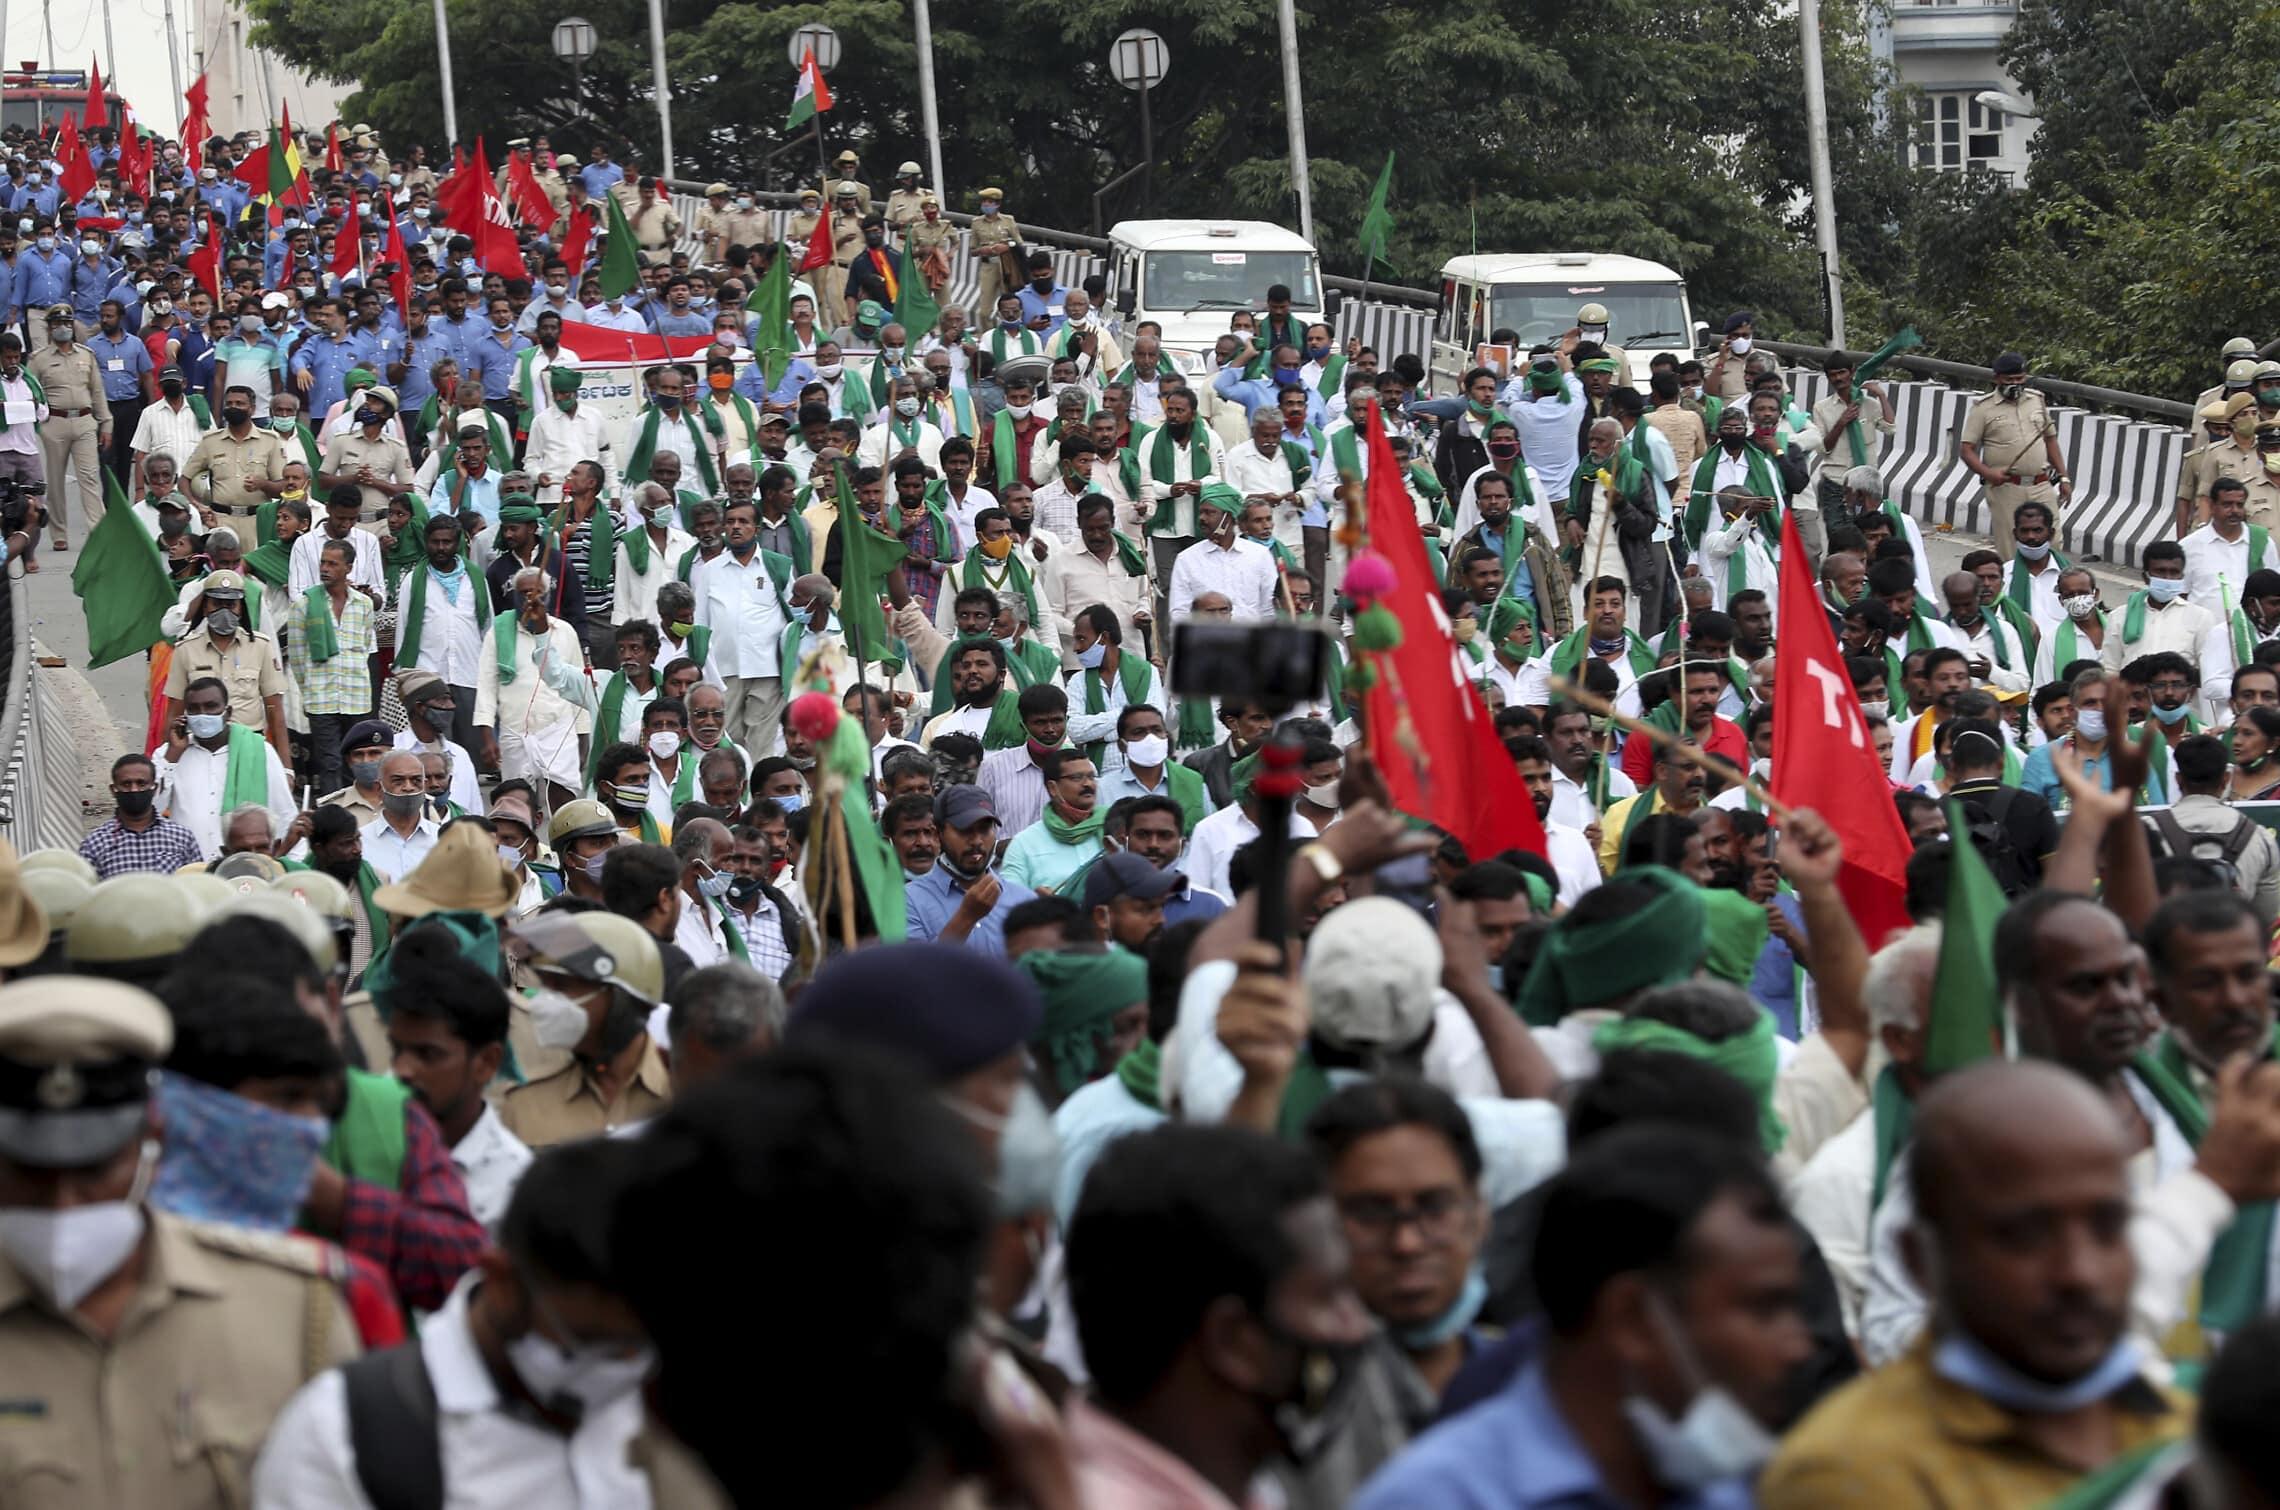 צעדת מחאה של החקלאים בבנגלור, הודו, 9 בדצמבר 2020 (צילום: AP Photo/Aijaz Rahi)